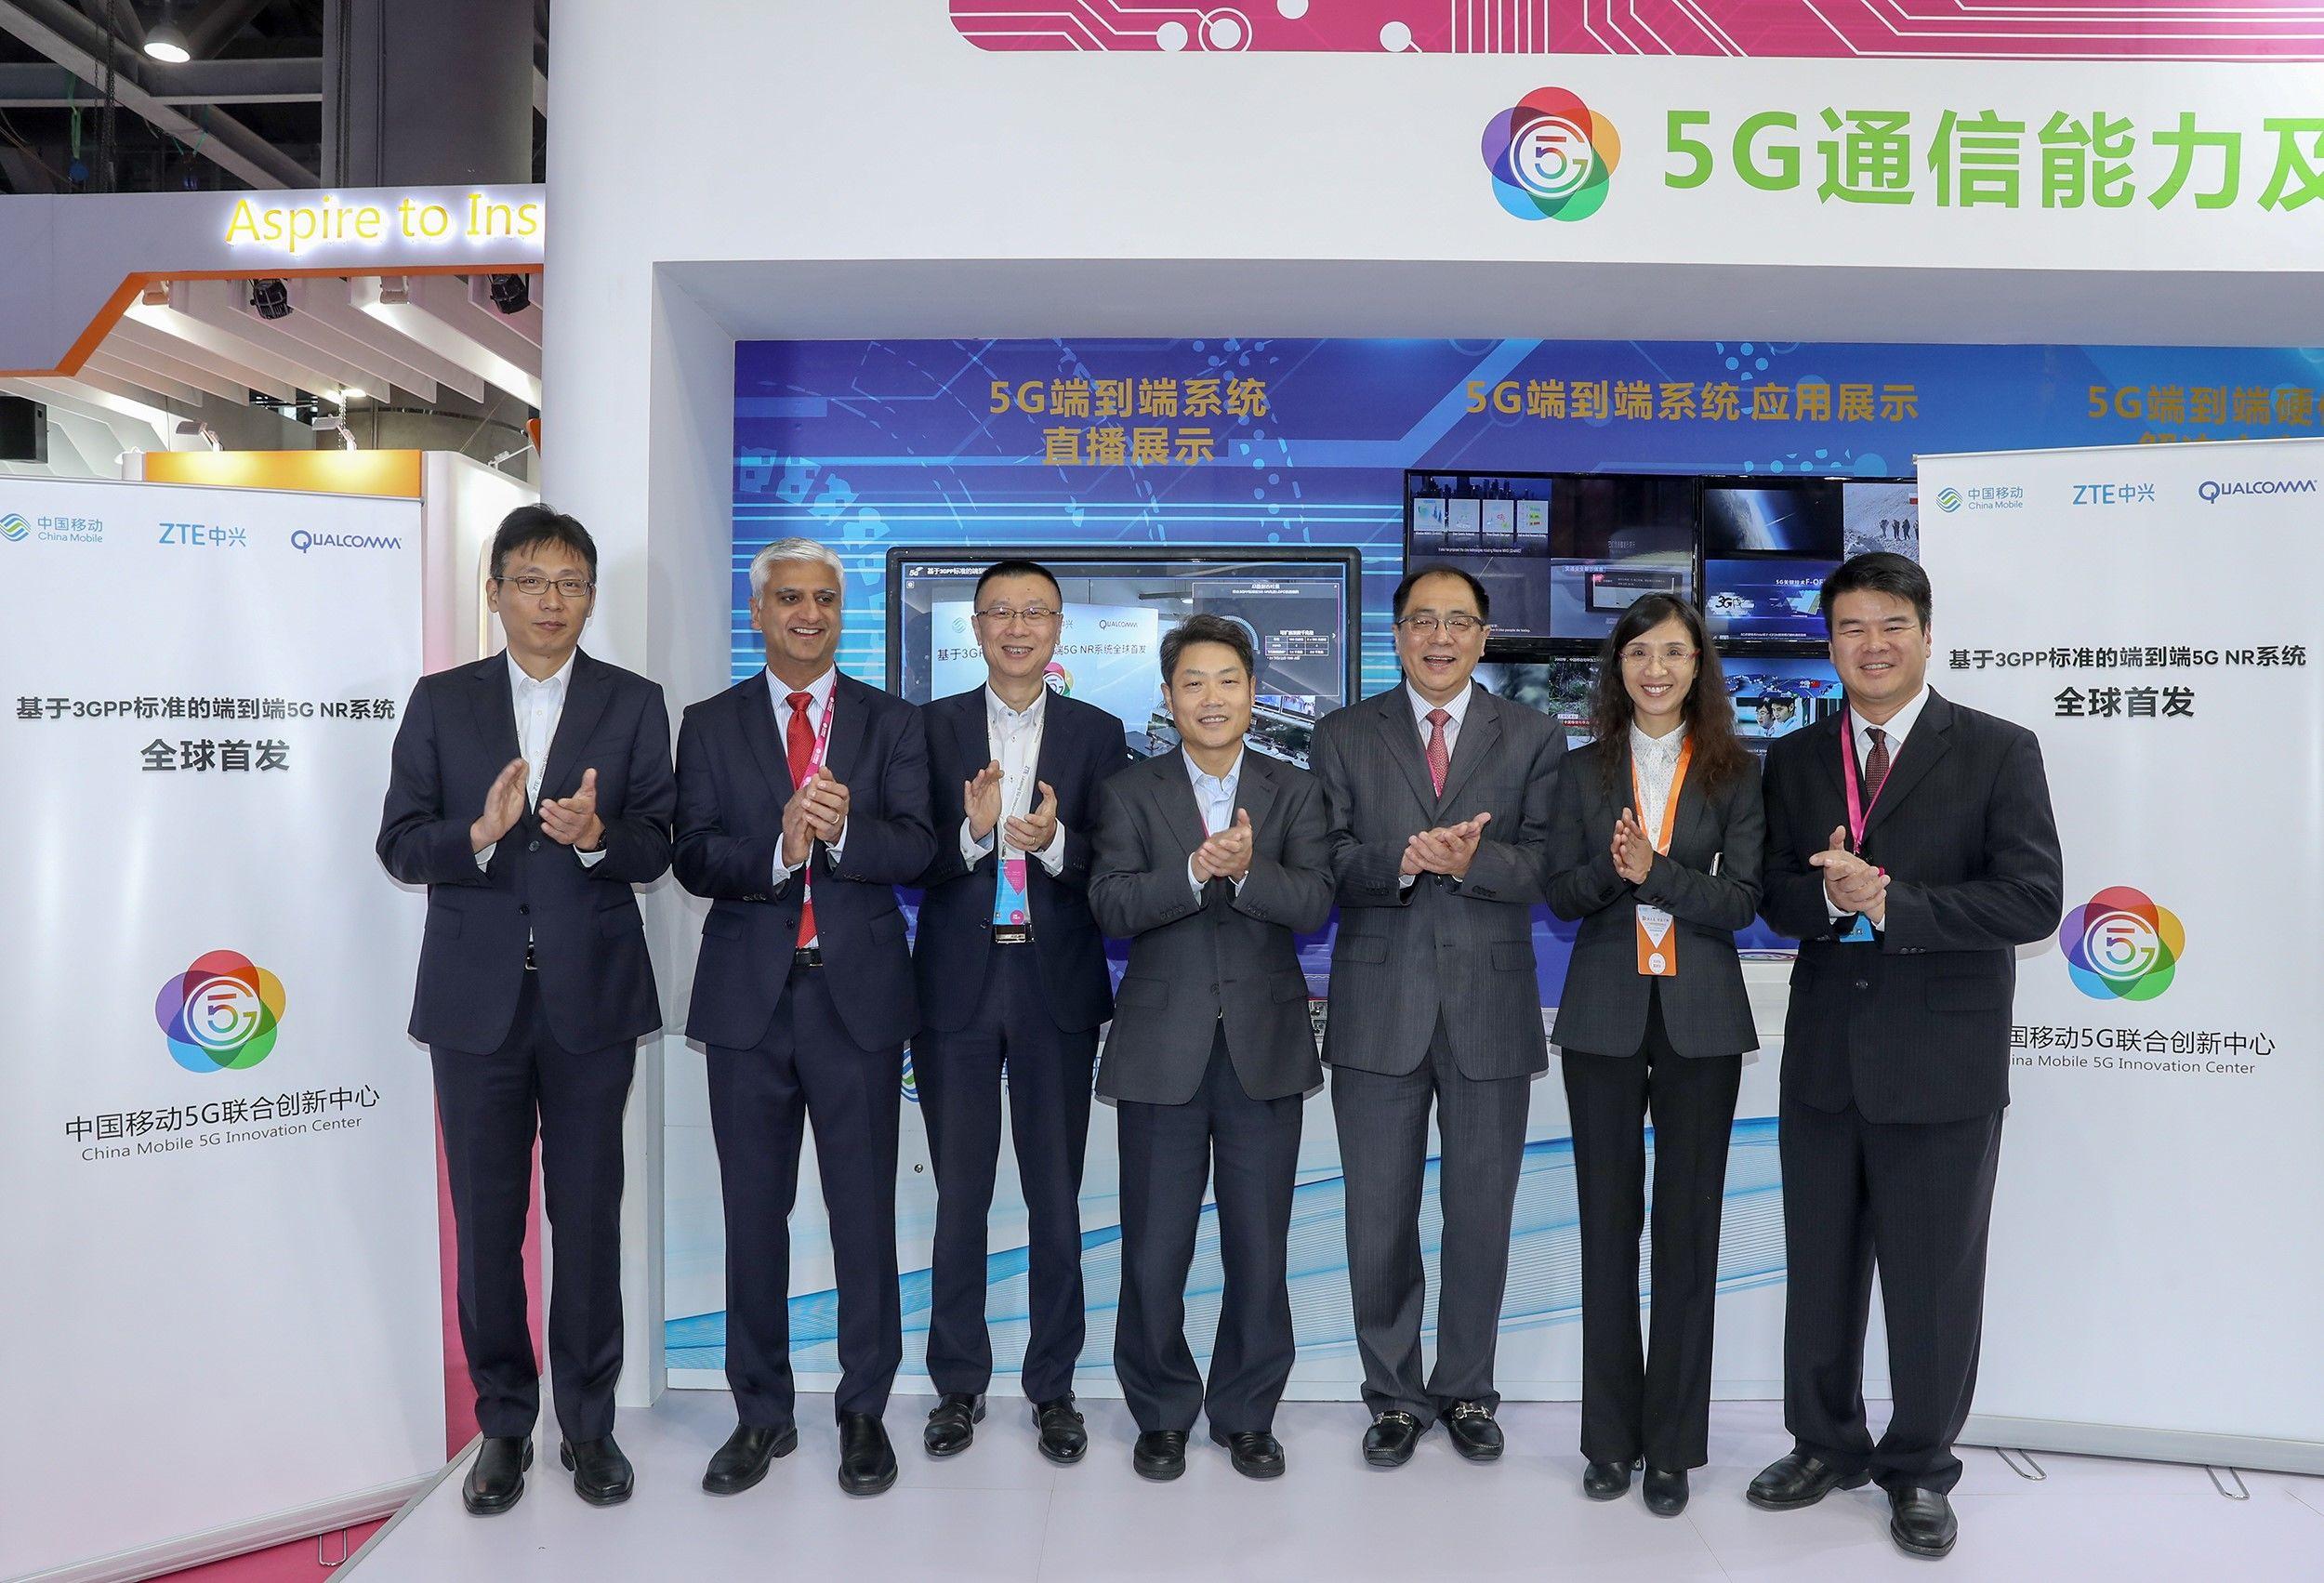 全球首个端到端5G新空口系统互通 亮相中移动合作伙伴大会